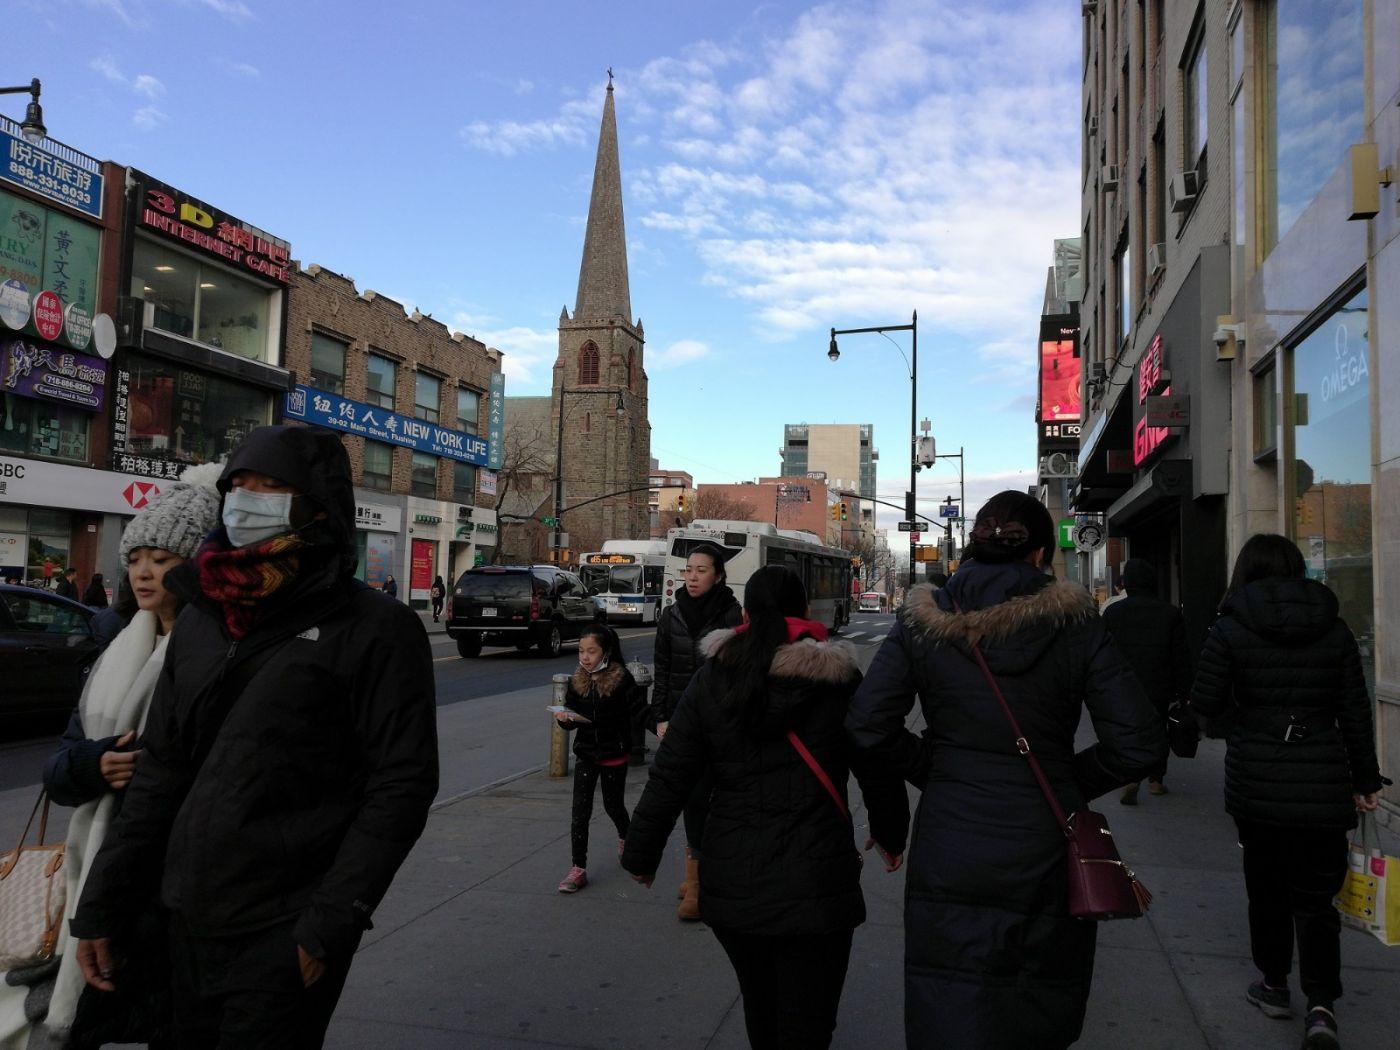 预防新型肺炎,纽约法拉盛街头戴口罩的人不断增加_图1-5